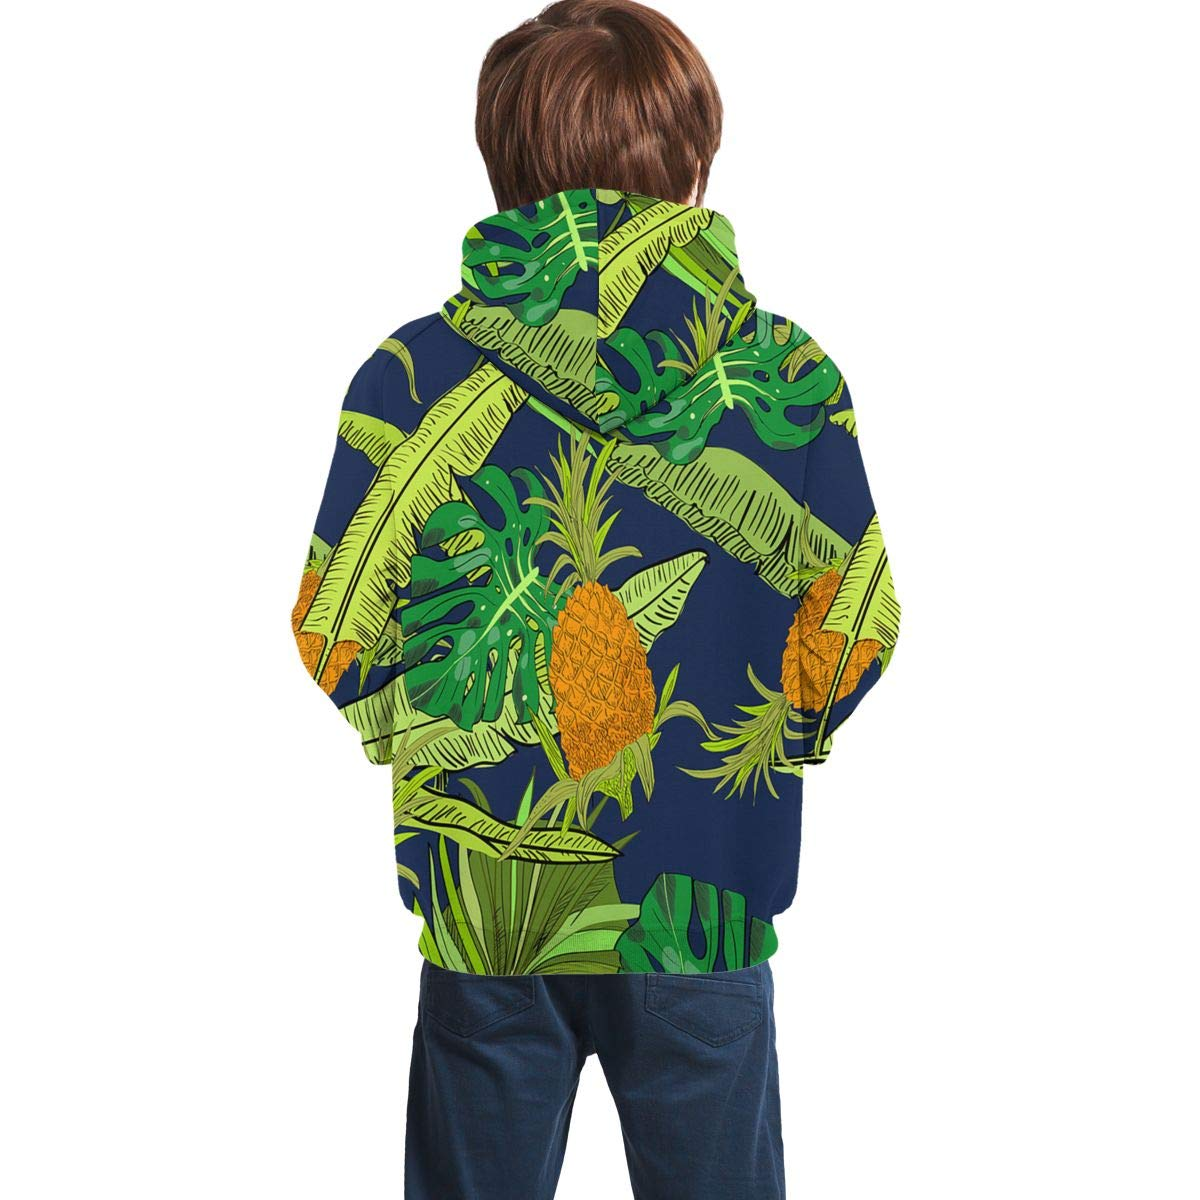 DANIPEW Youth 3D Print Tropical Leaves Pineapple Hooded Sweatshirt Kids